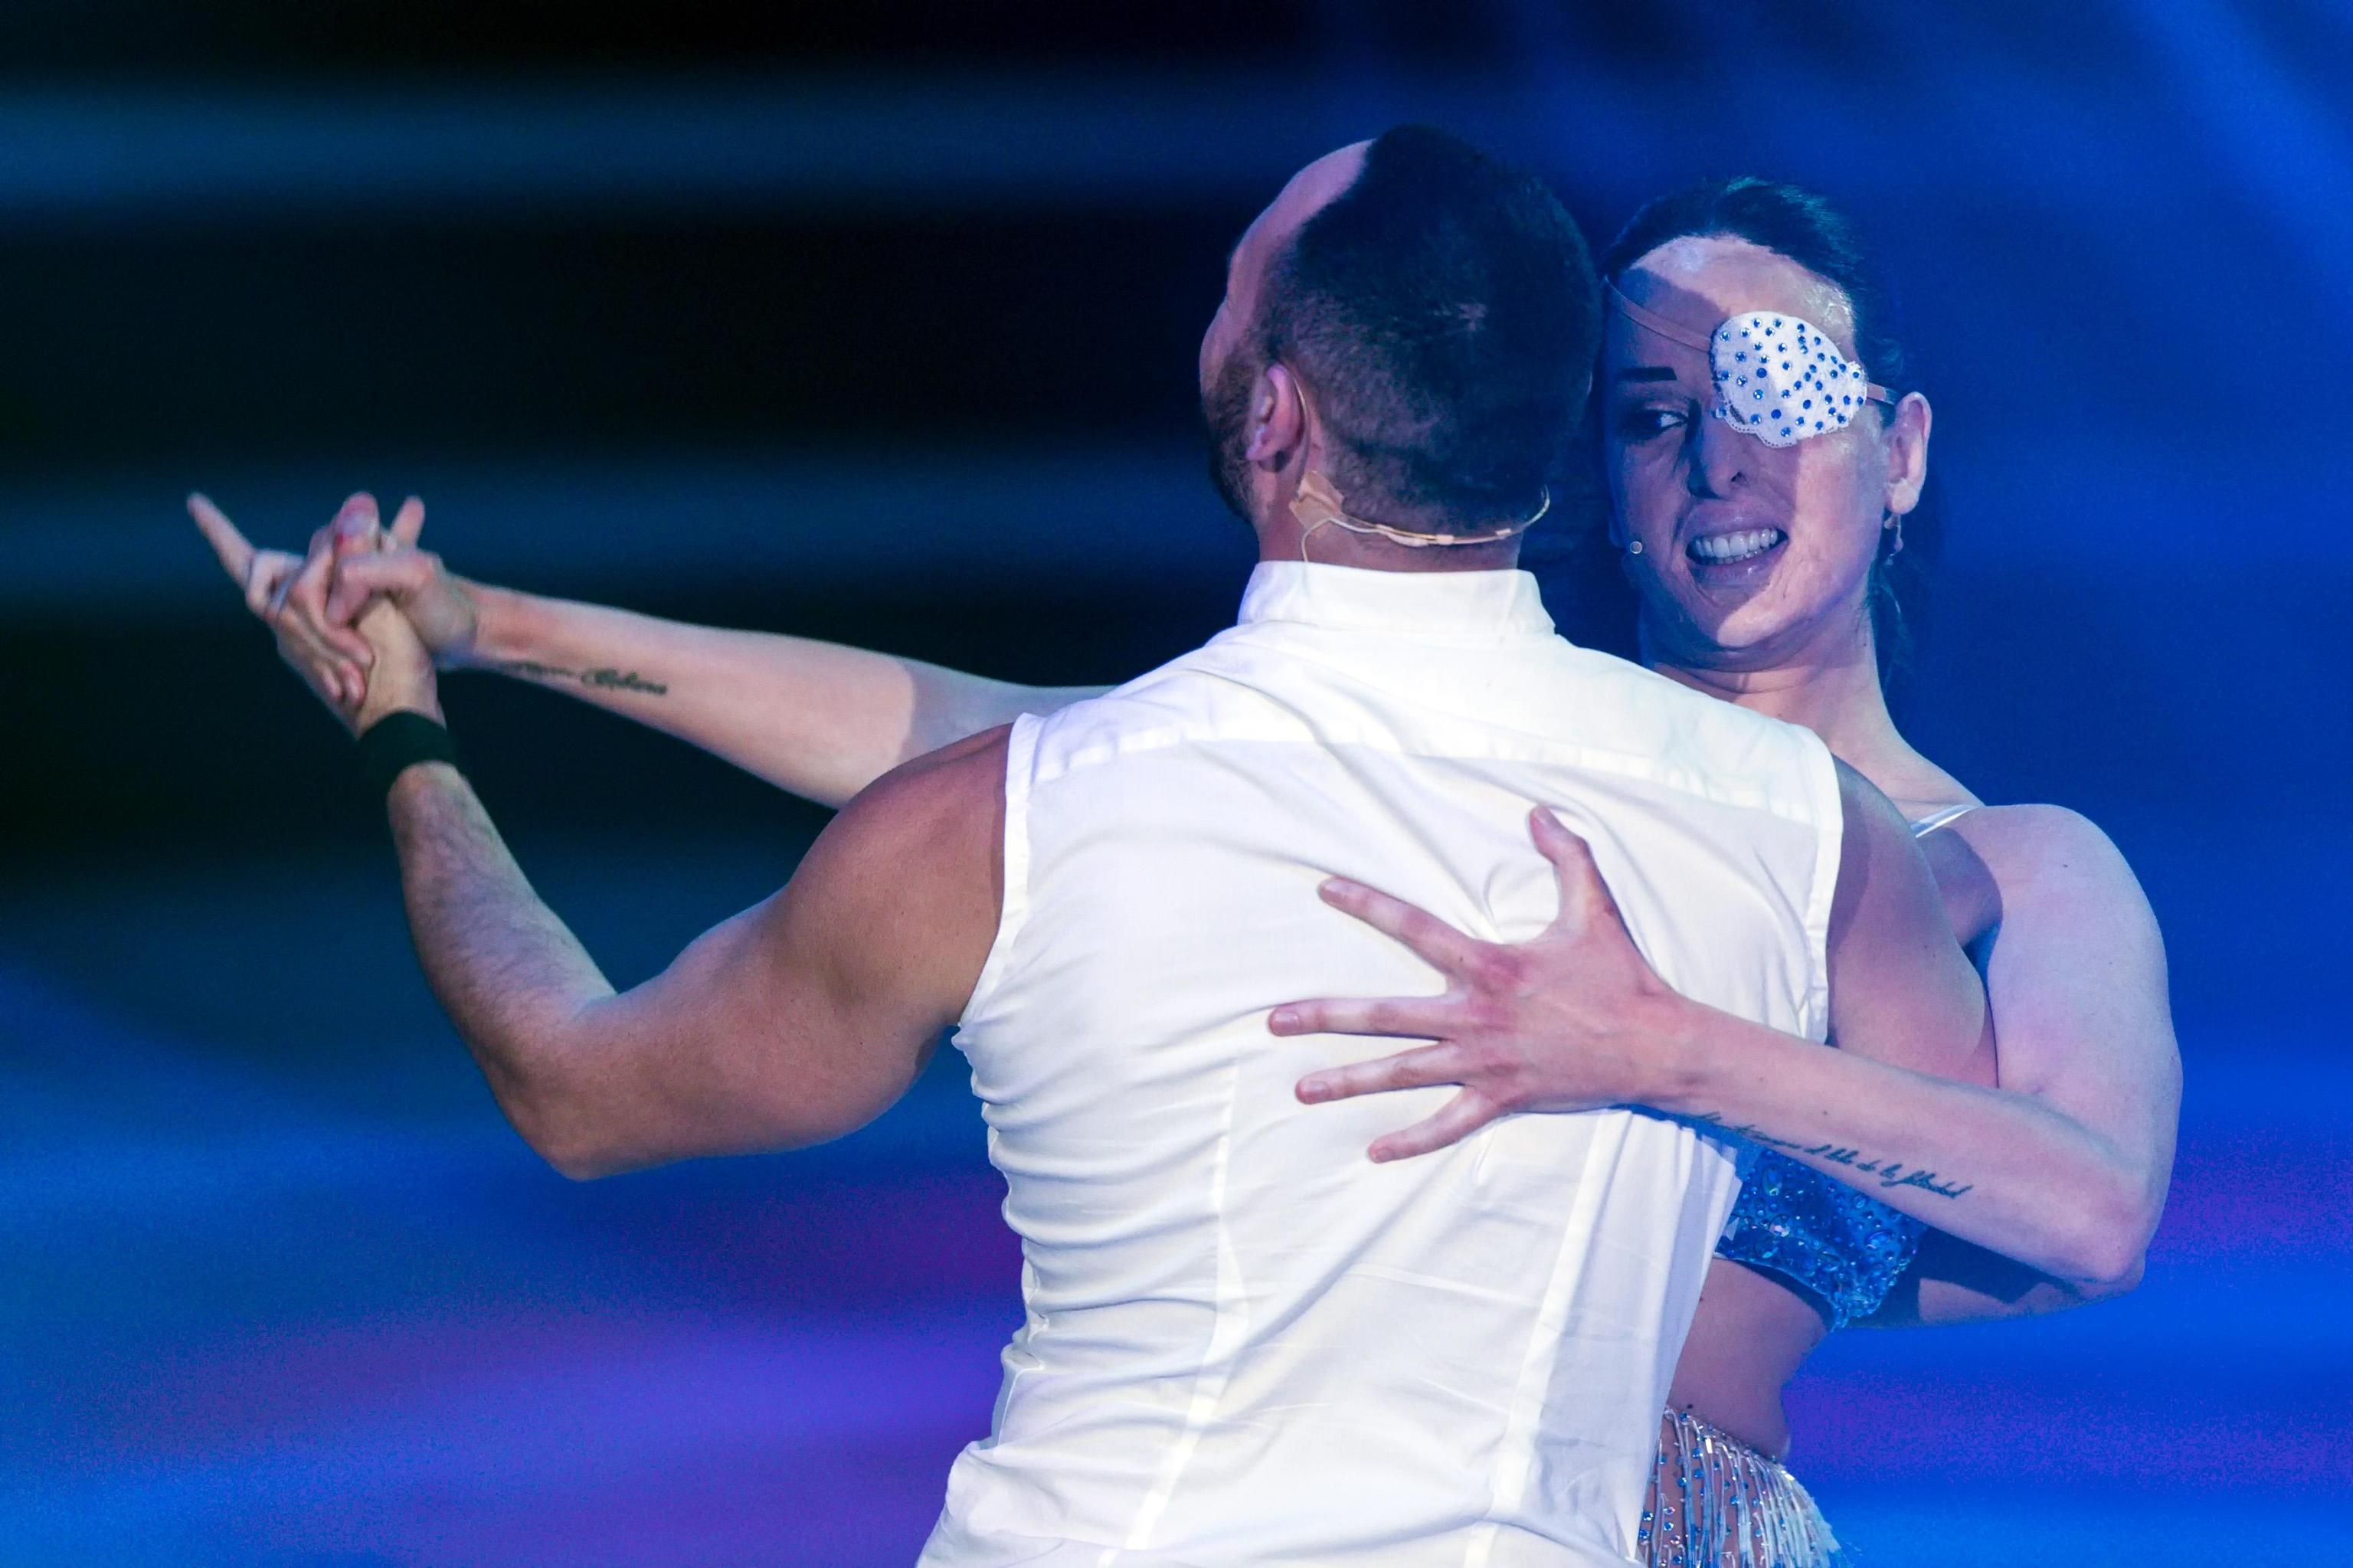 'Ballando con le stelle', Gessica Notaro confessa di ricevere ancora minacce